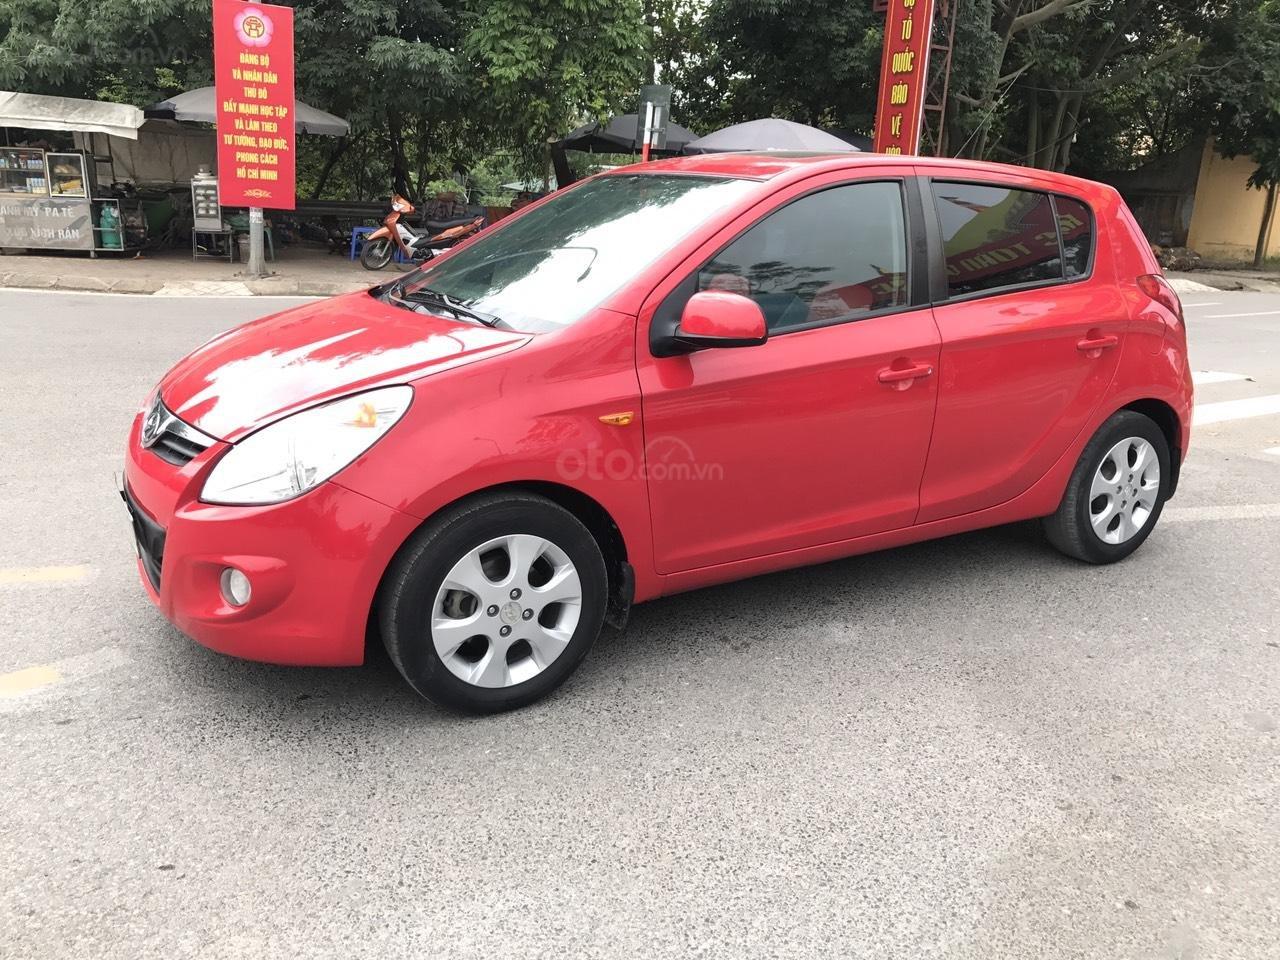 Bán Hyundai i20 1.4 AT đời 2011, màu đỏ, xe nhập, bản full, xe xuất sắc luôn (2)